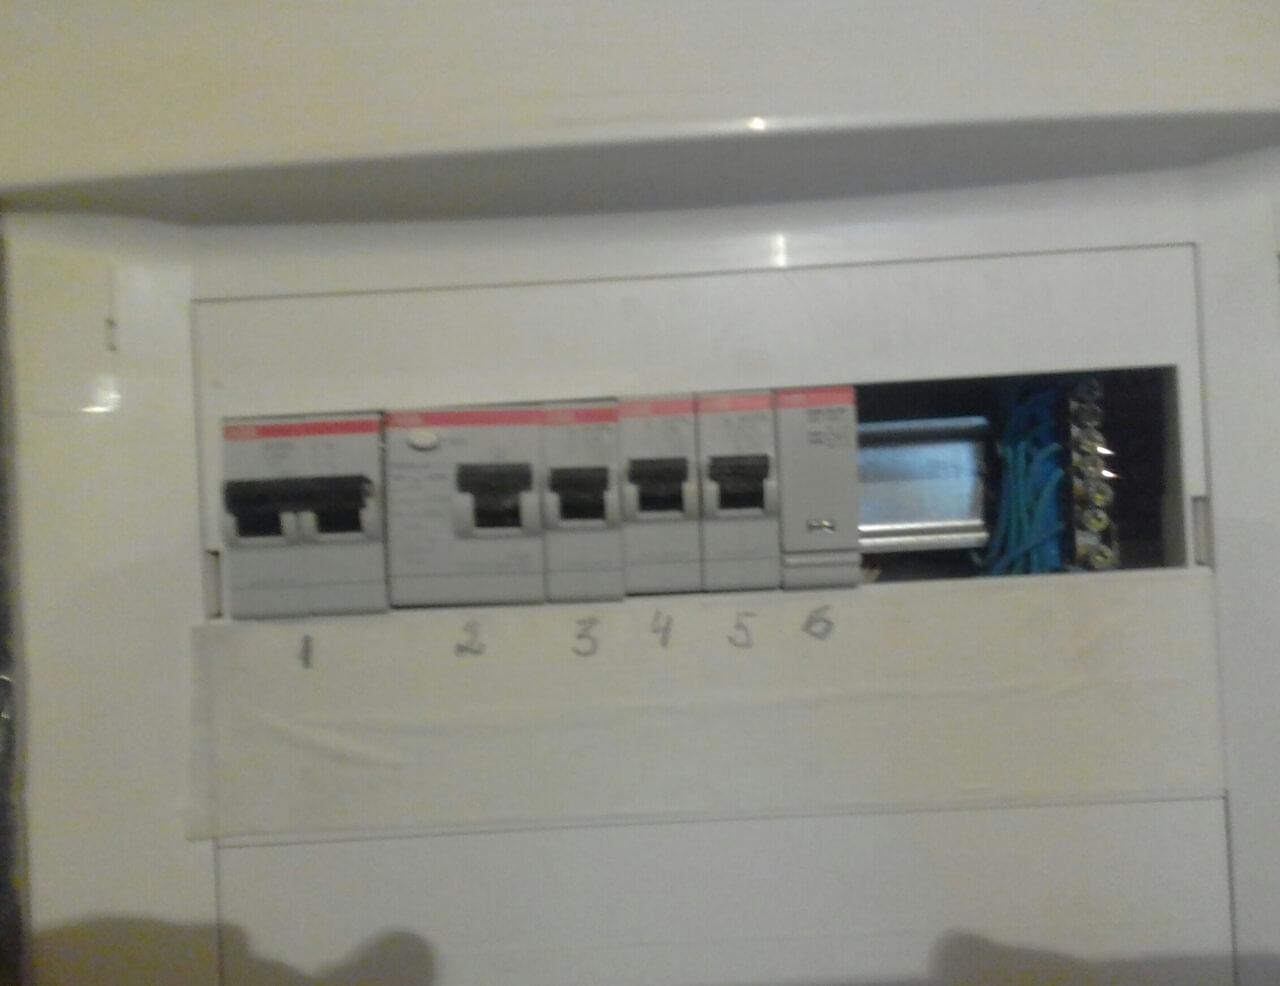 Разводка электрического кабеля под ключ в 1-комнатной квартире по адресу город Москва, улица Бутырская, 19к1